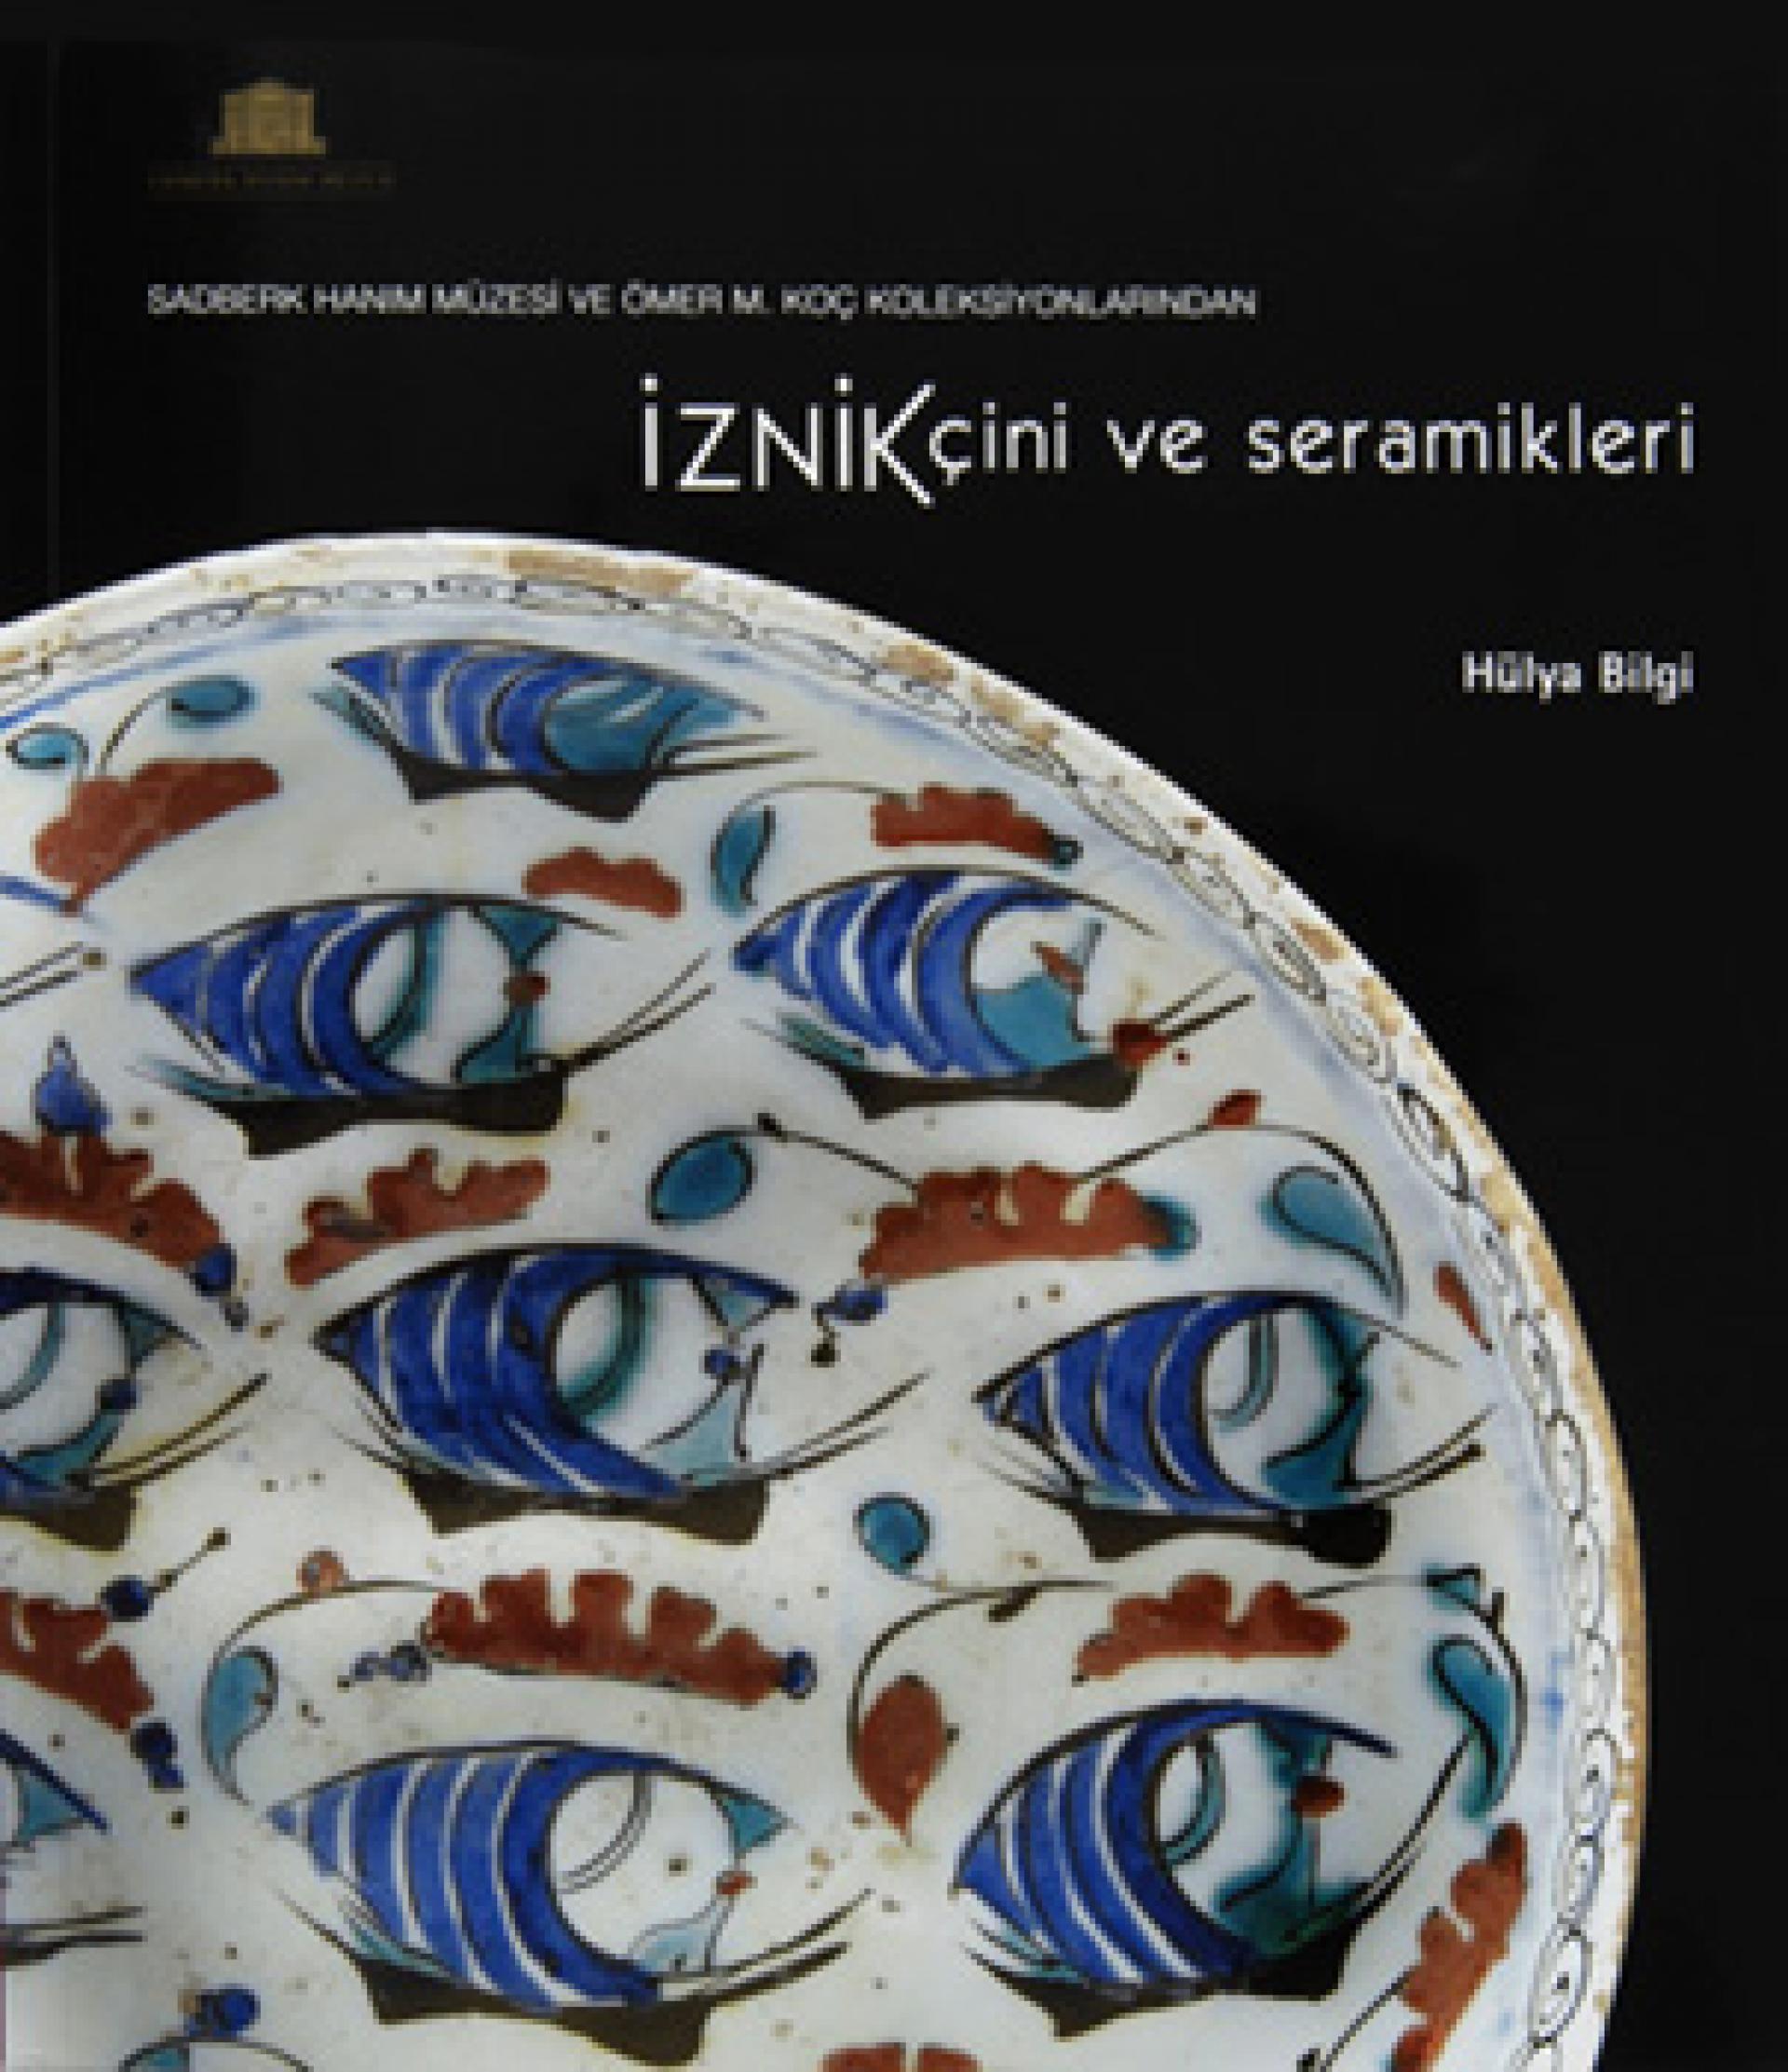 İznik Çini ve Seramikleri - Sadberk Hanım Müzesi ve Ömer M. Koç Koleksiyonlarından - KİTAPLAR - Sadberk Hanım Müzesi